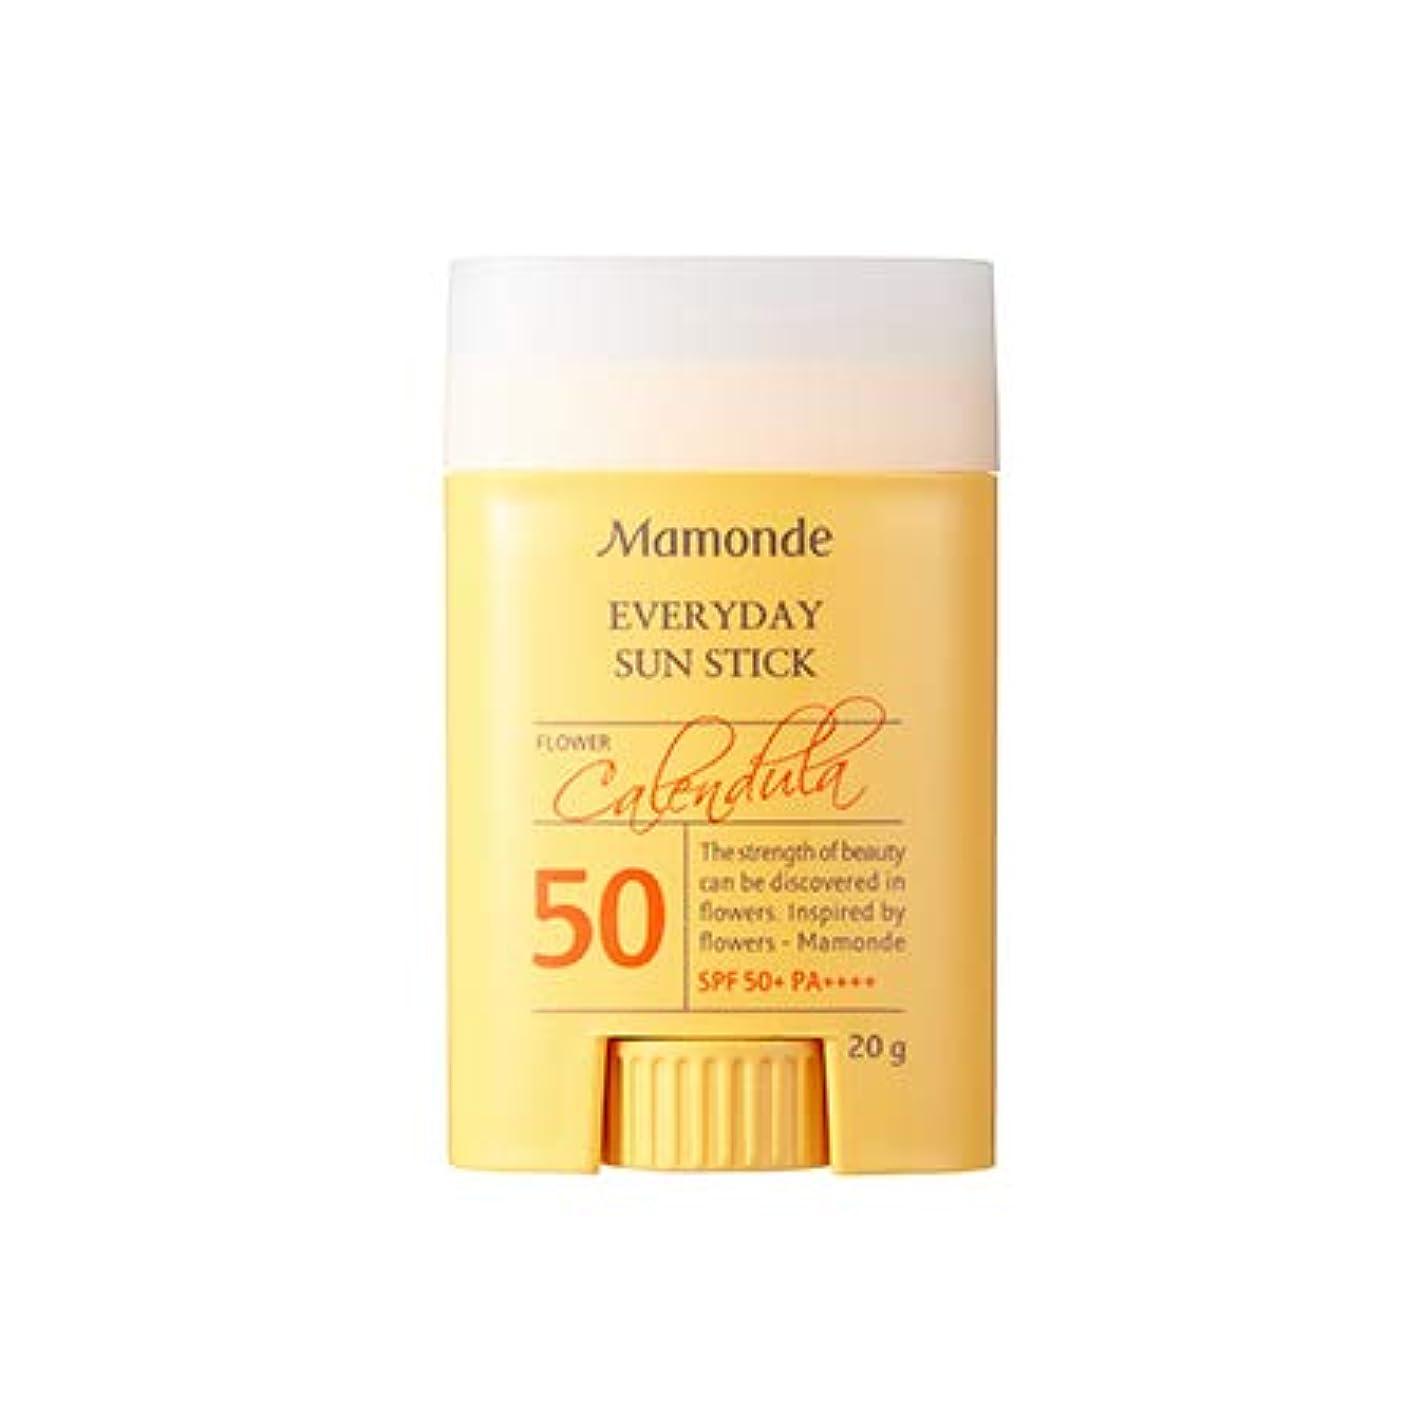 誇り埋め込むコカインMamonde Everyday Sun Stick 20g マモンド エブリデーサンスティック (SPF50+/PA++++) [並行輸入品]